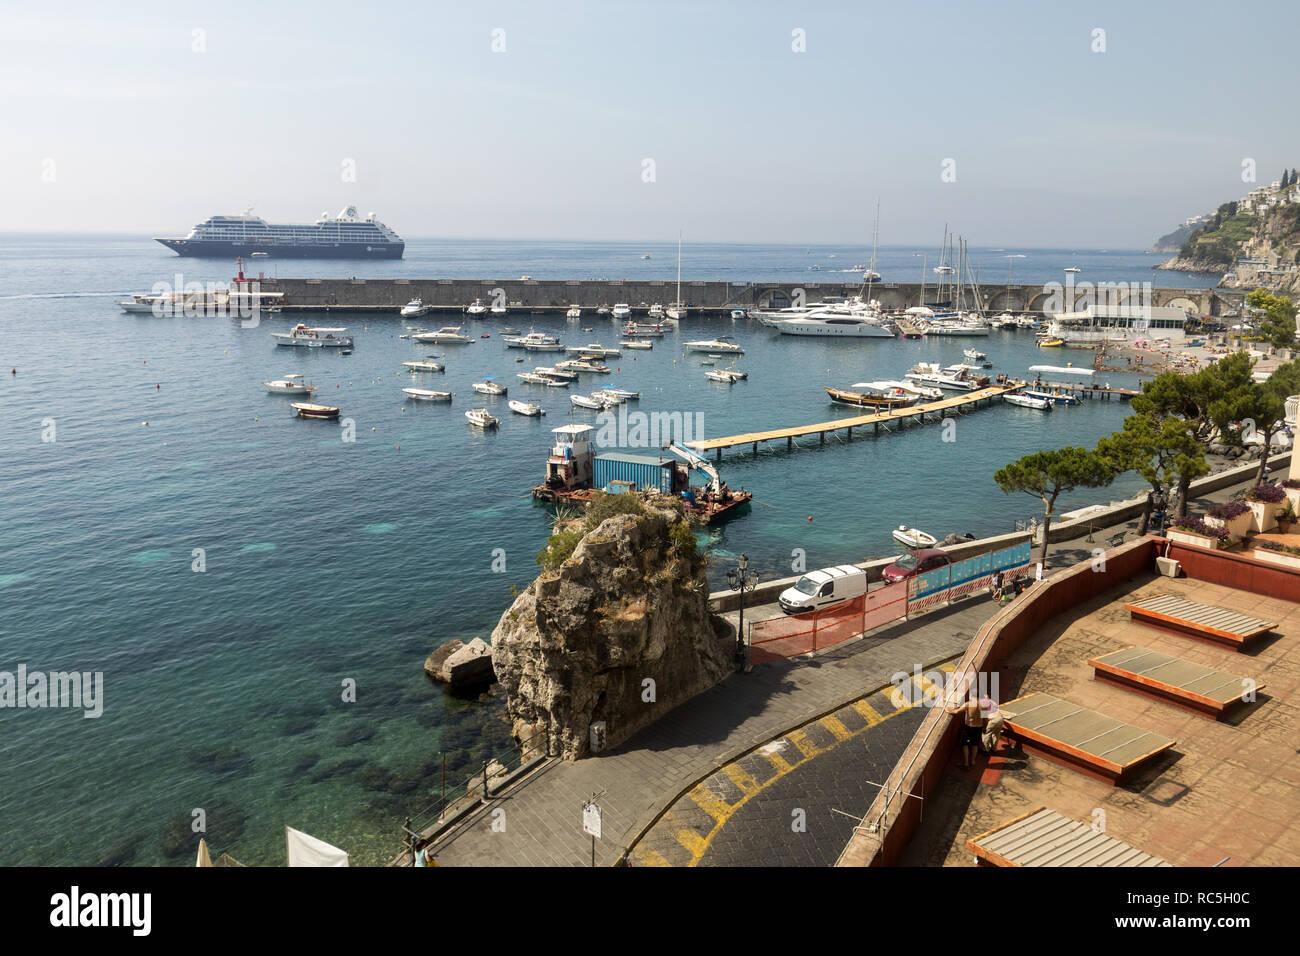 Costiera Amalfitana, Italia - 16 Giugno 2017: vista della marina in ...